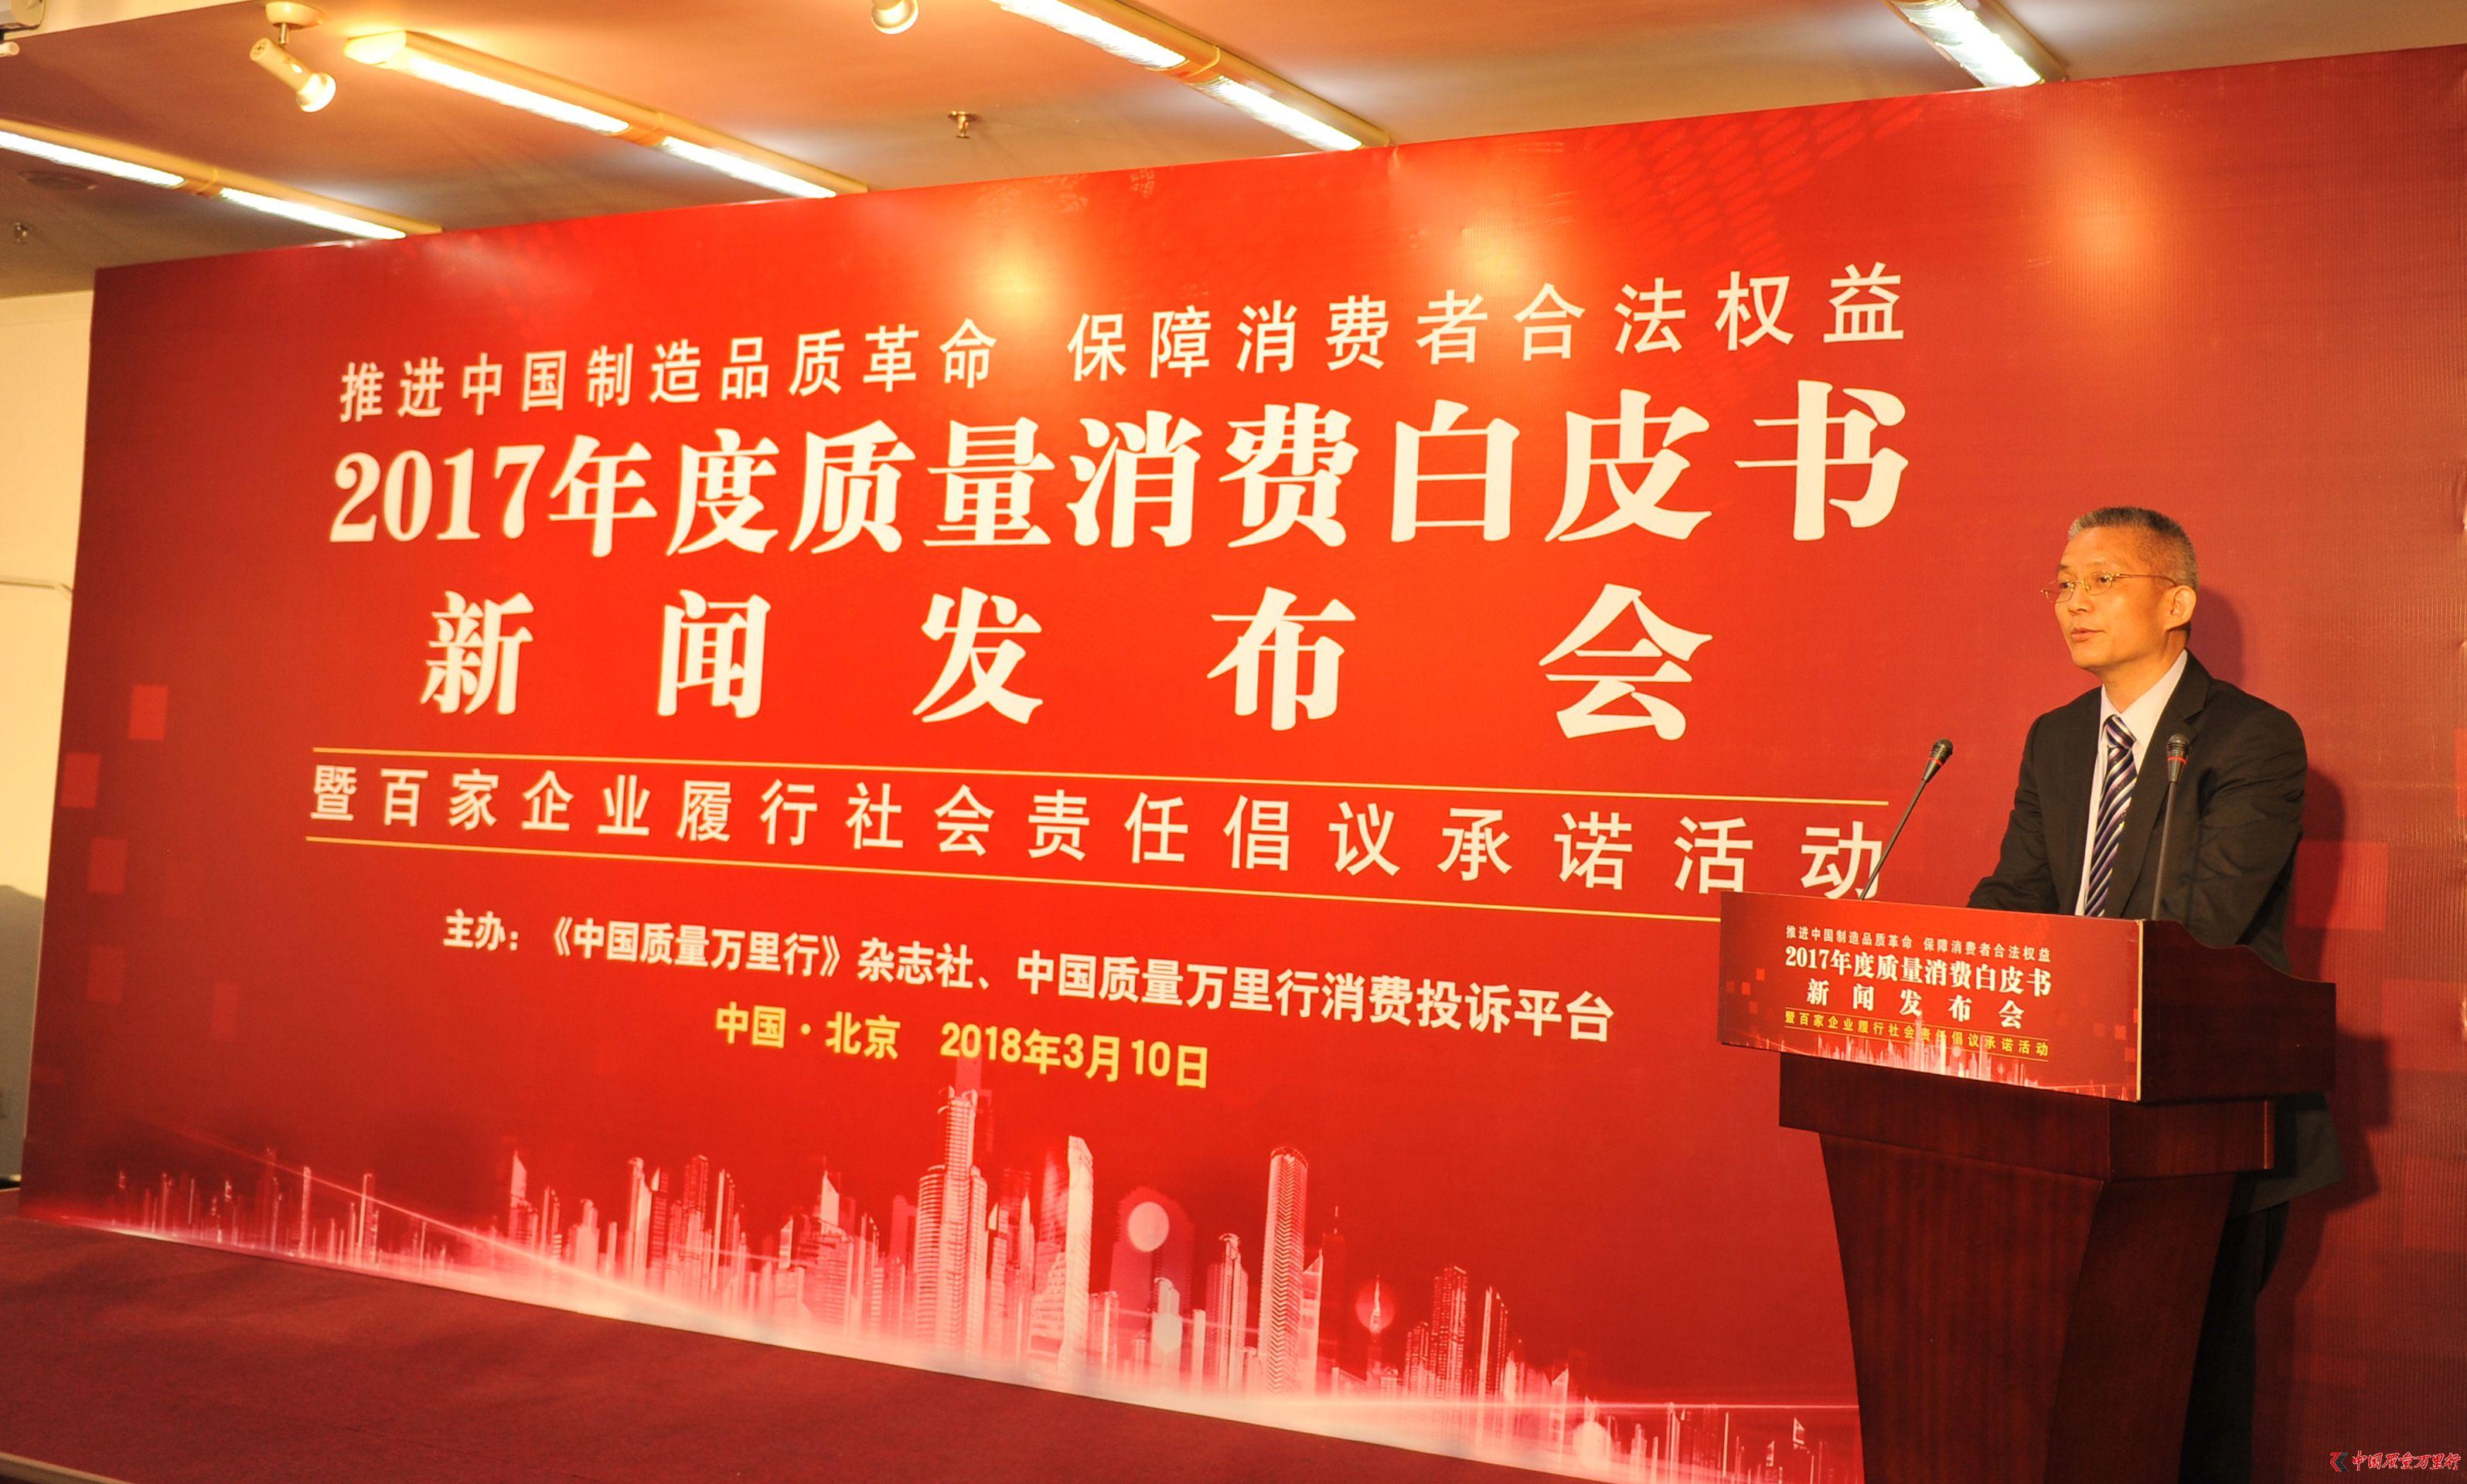 刘国荣:产品质量提升问题亟待解决